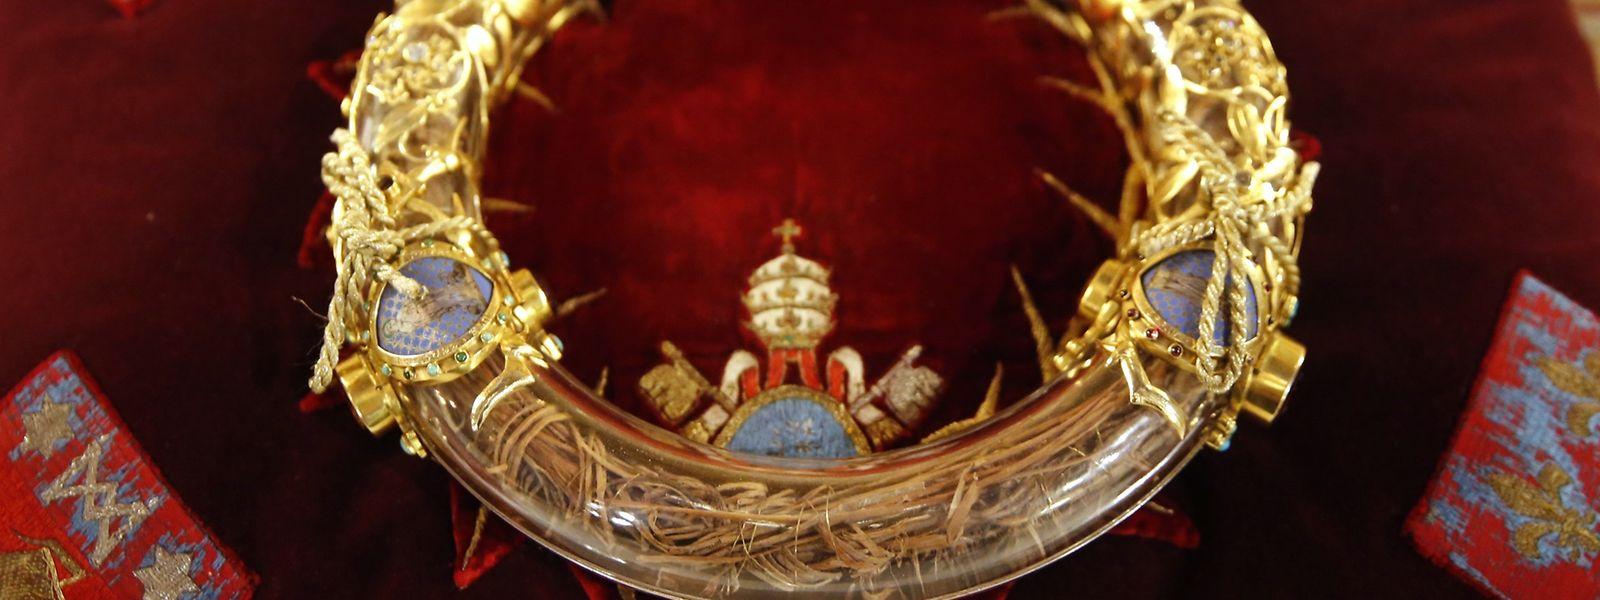 Die Dornenkrone aus Notre-Dame de Paris ist eine wichtige Reliquie für Katholiken. Es soll sich um das Original handeln, das Jesus bei der Kreuzigung trug.